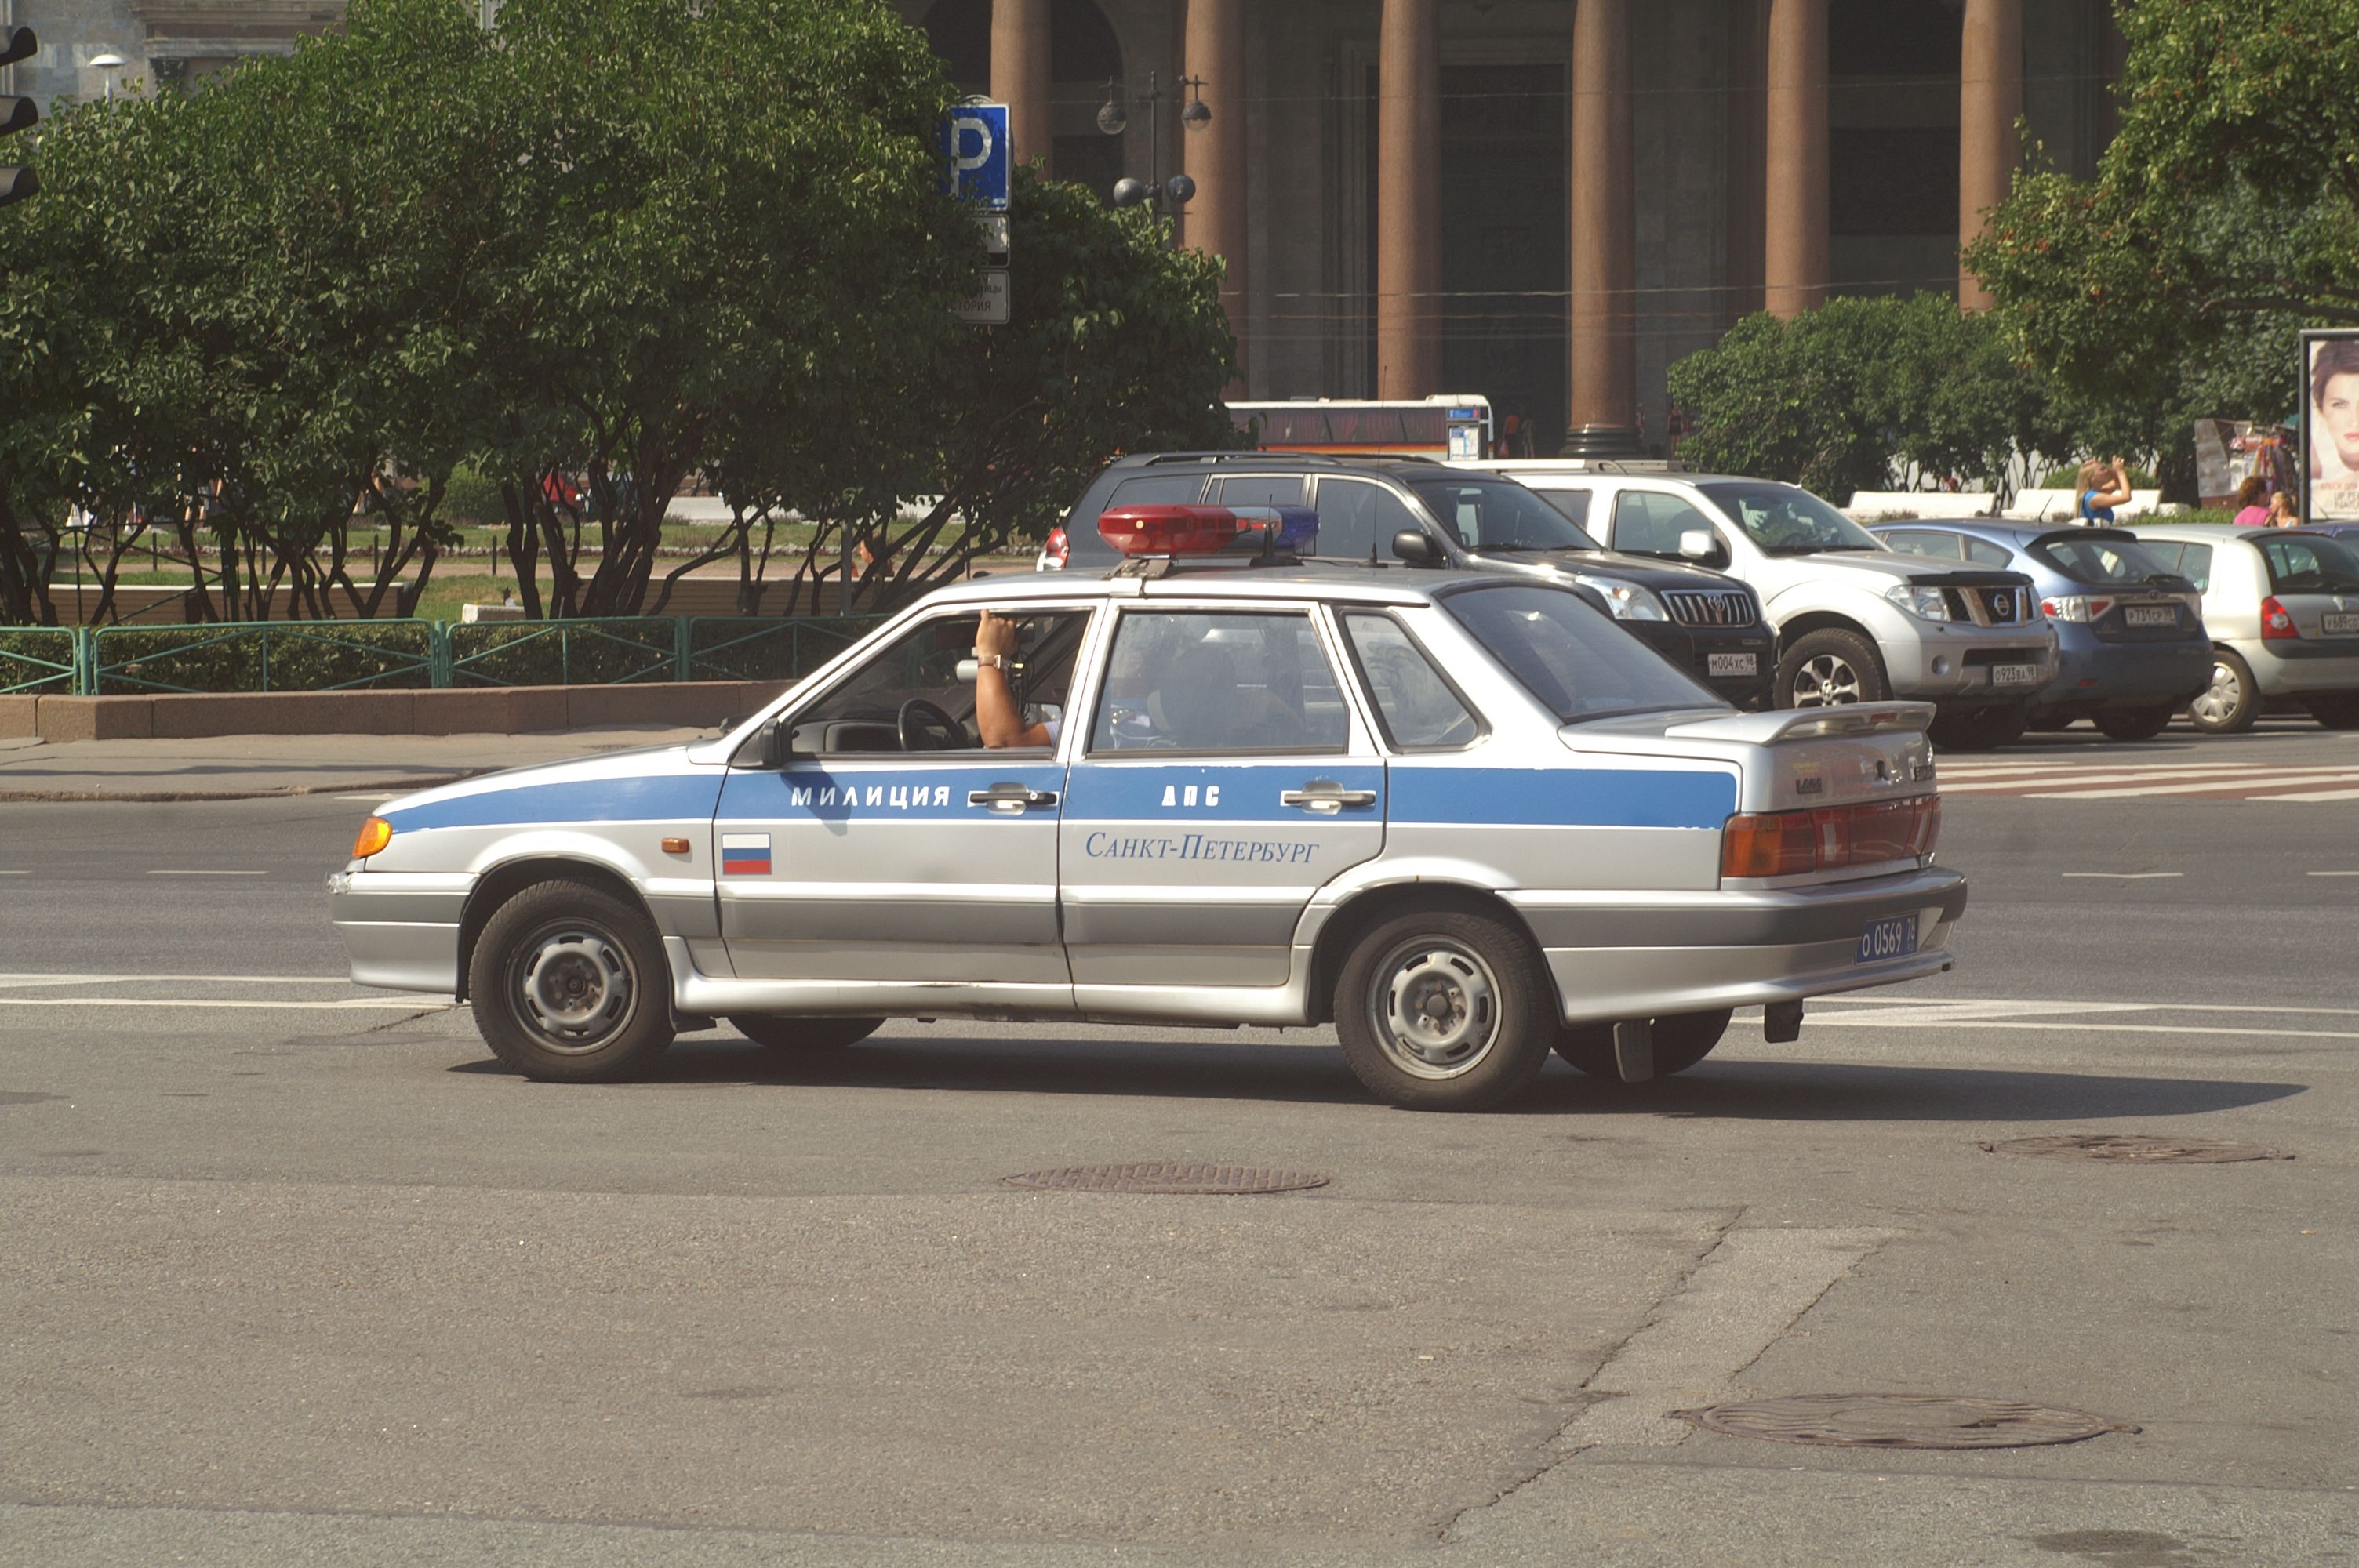 File:VAZ-2115 as a Militsyja car in St.Petersburg.jpg